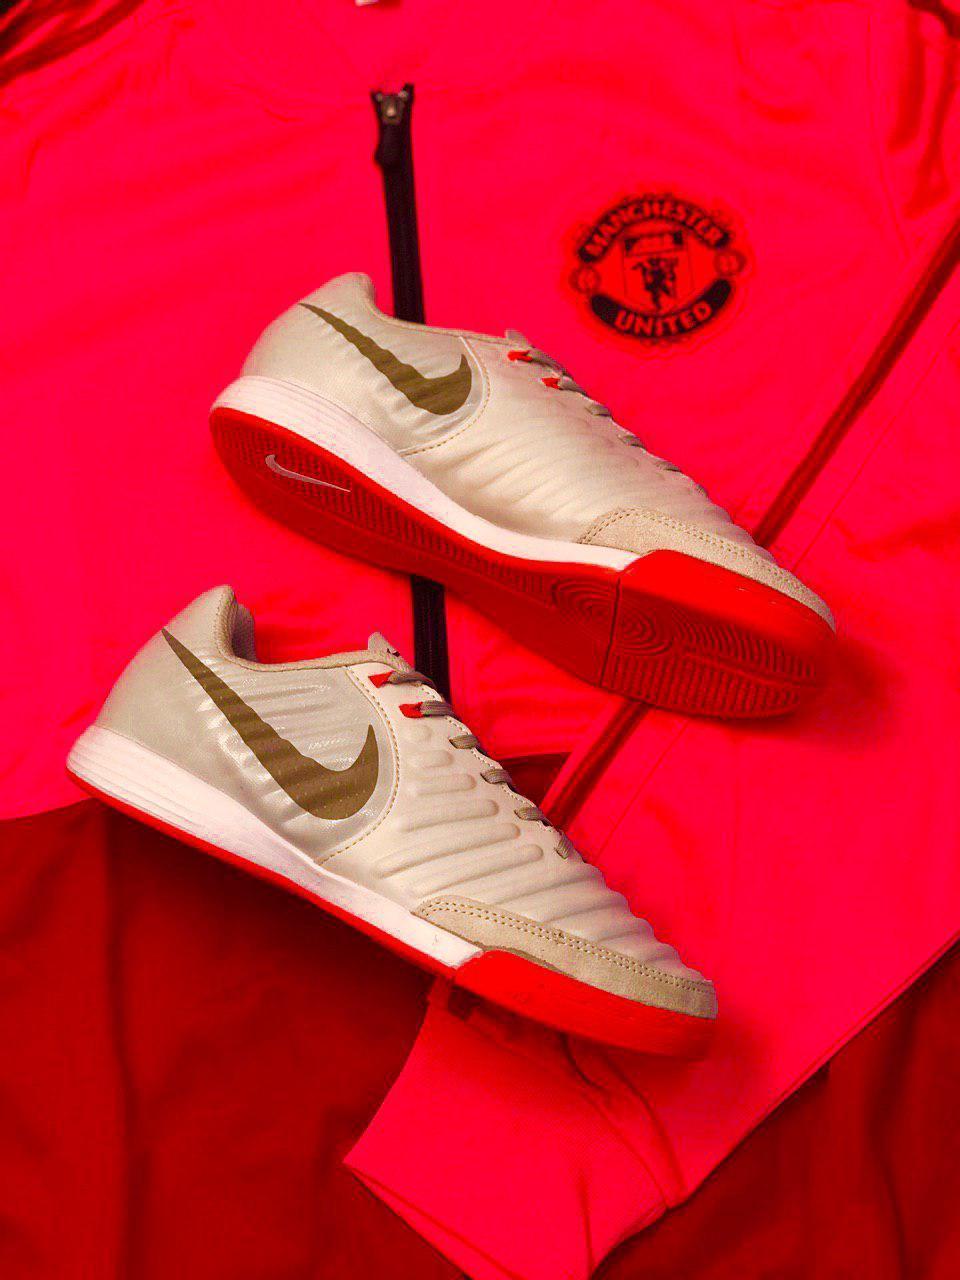 Футзалки Nike Tiempo X/футбольная обувь/найк темпо золотые